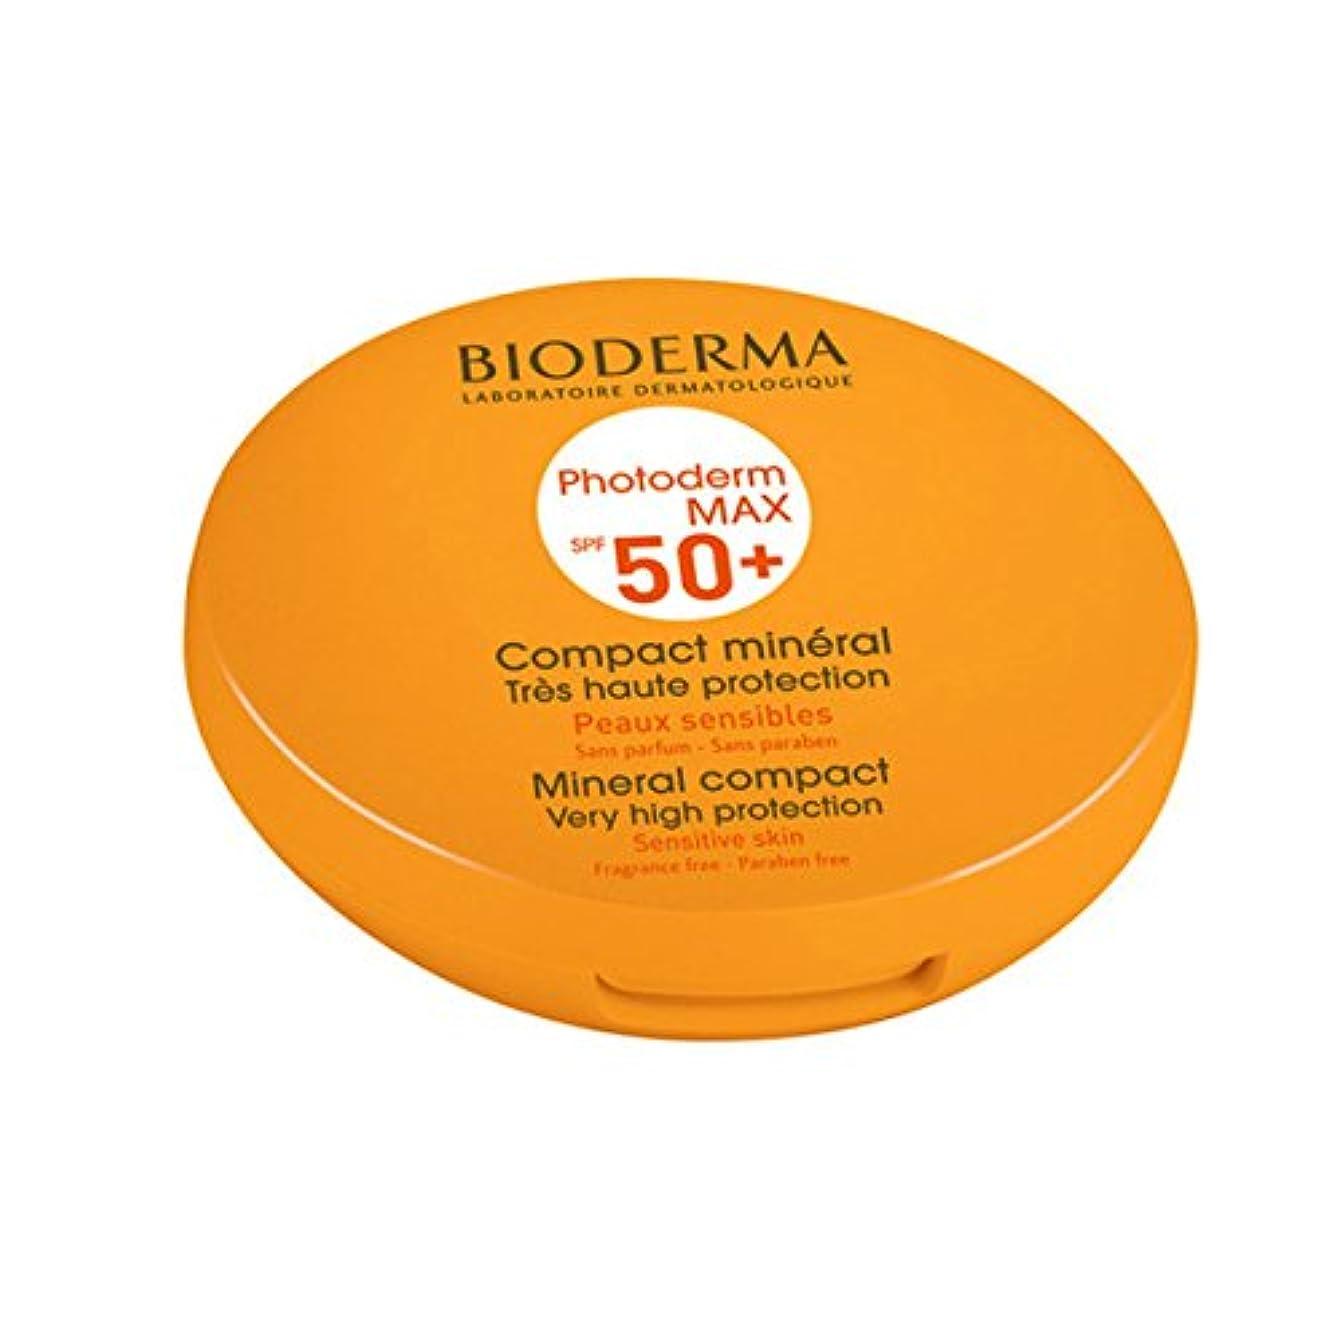 強います香ばしいいまBioderma Photoderm Max Compact Mineral 50+ Golden 10g [並行輸入品]